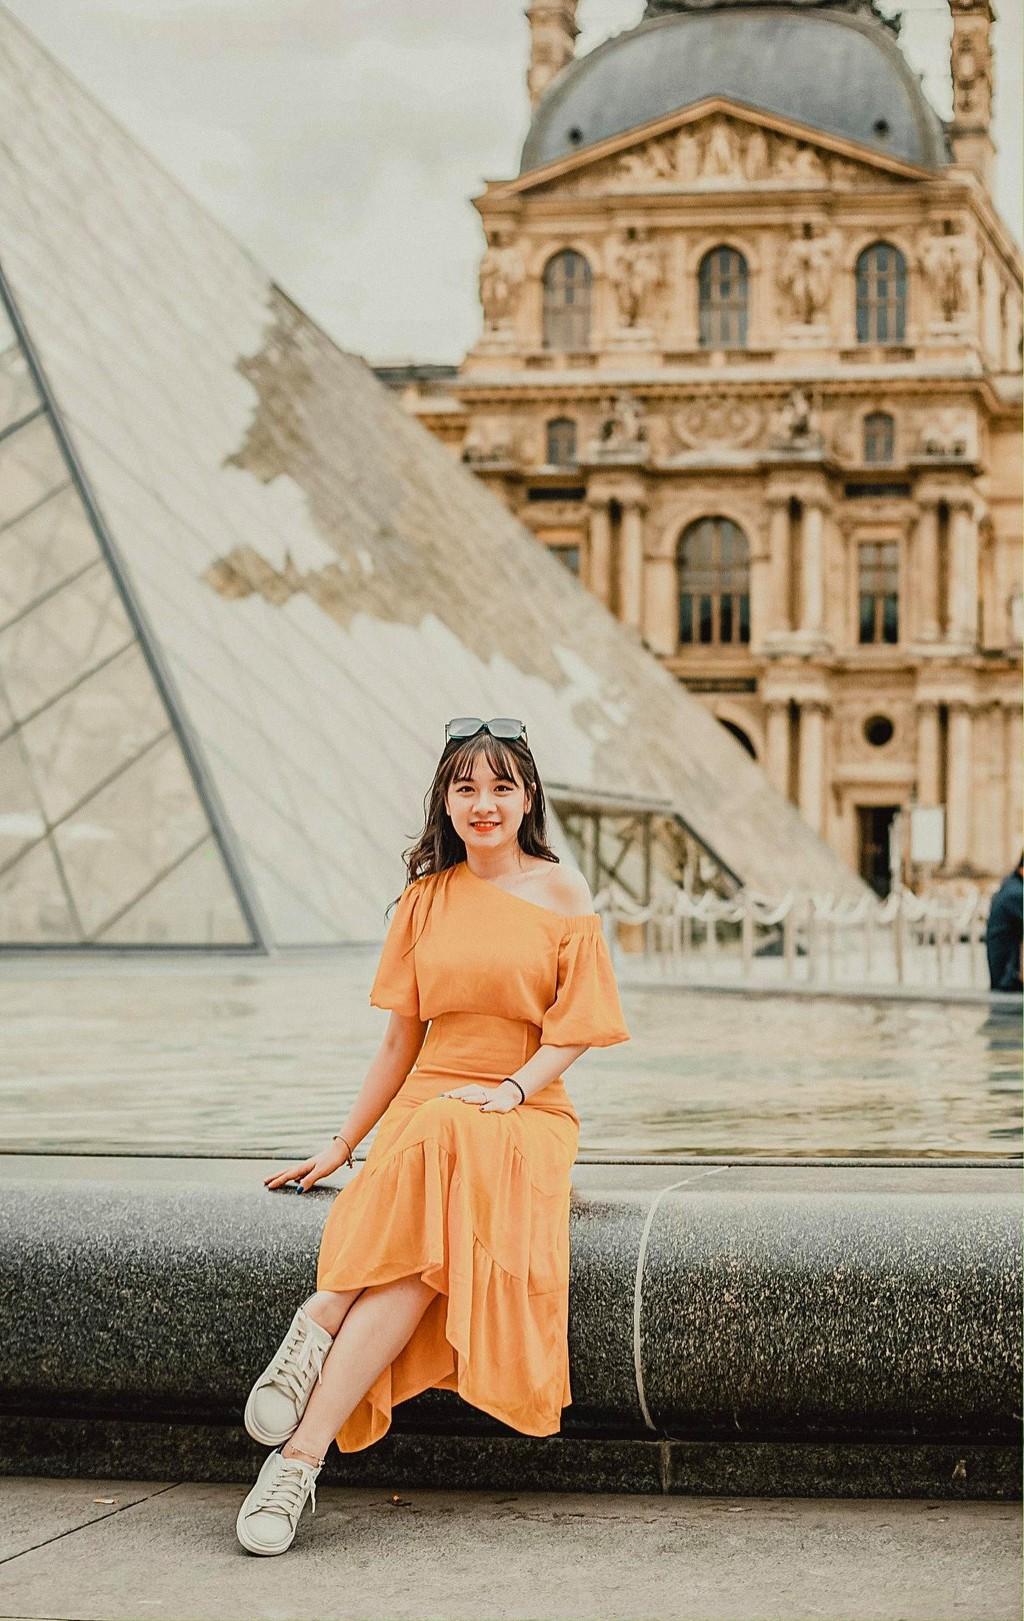 9X thực hiện giấc mơ Paris trong chuyến đi mùa thu Ảnh 4